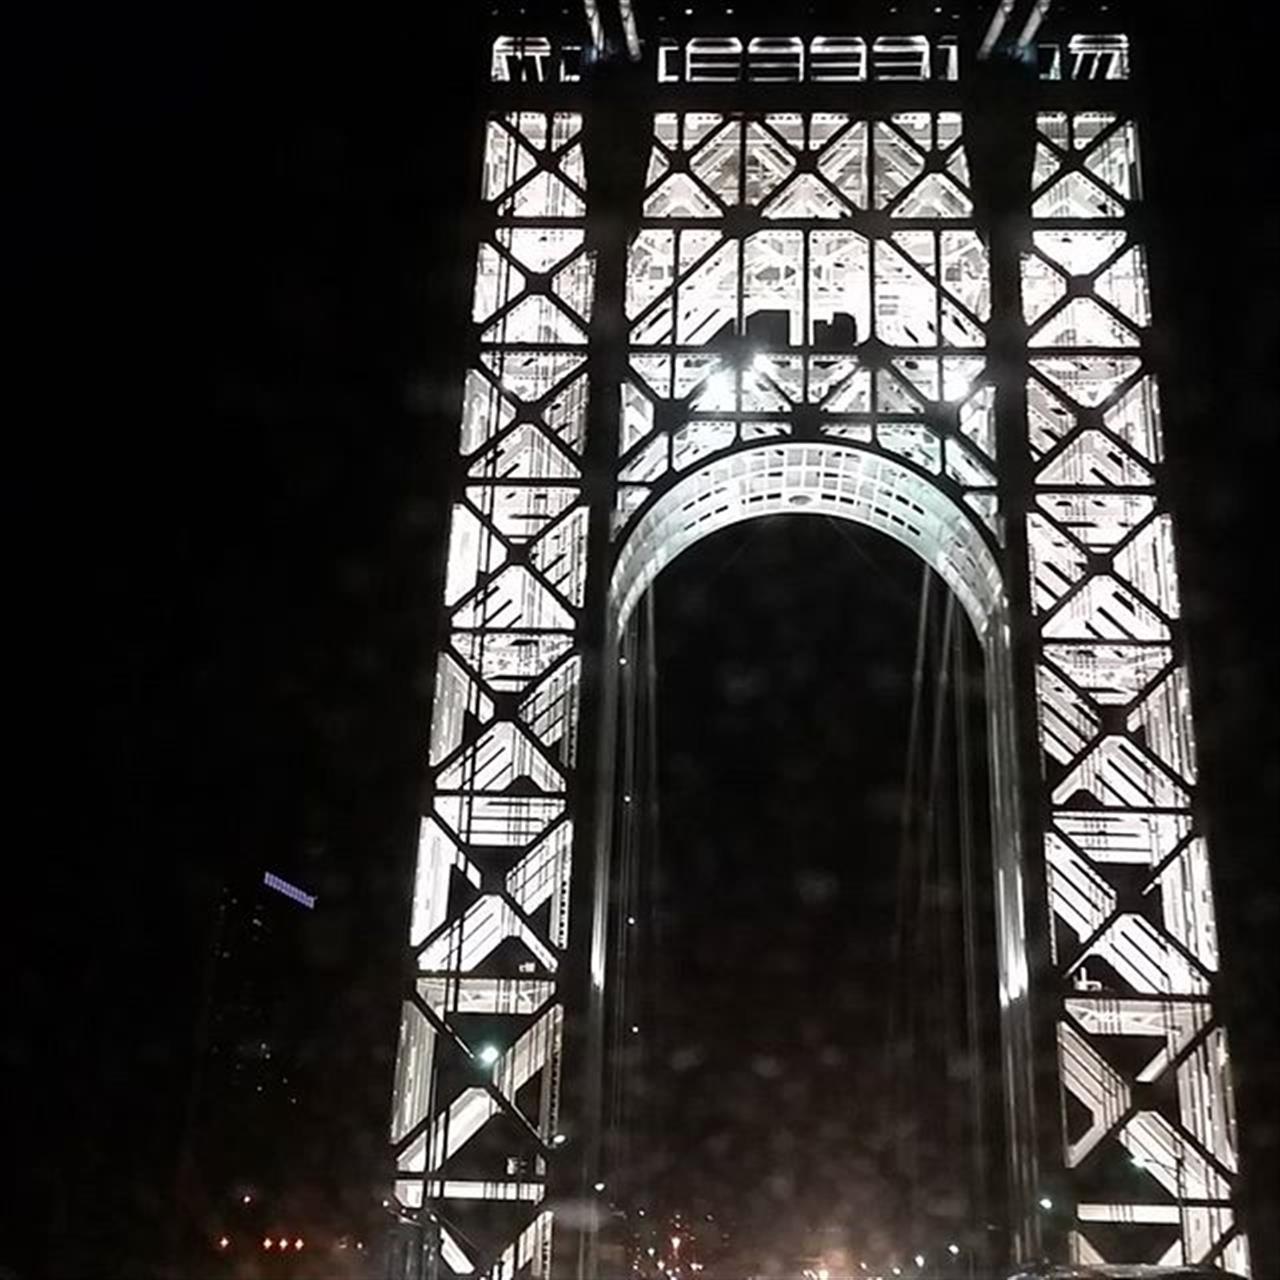 You look really good. #newyork #leadingrelocal #exploreyourhood #washingtonbridge #bridge #lighting